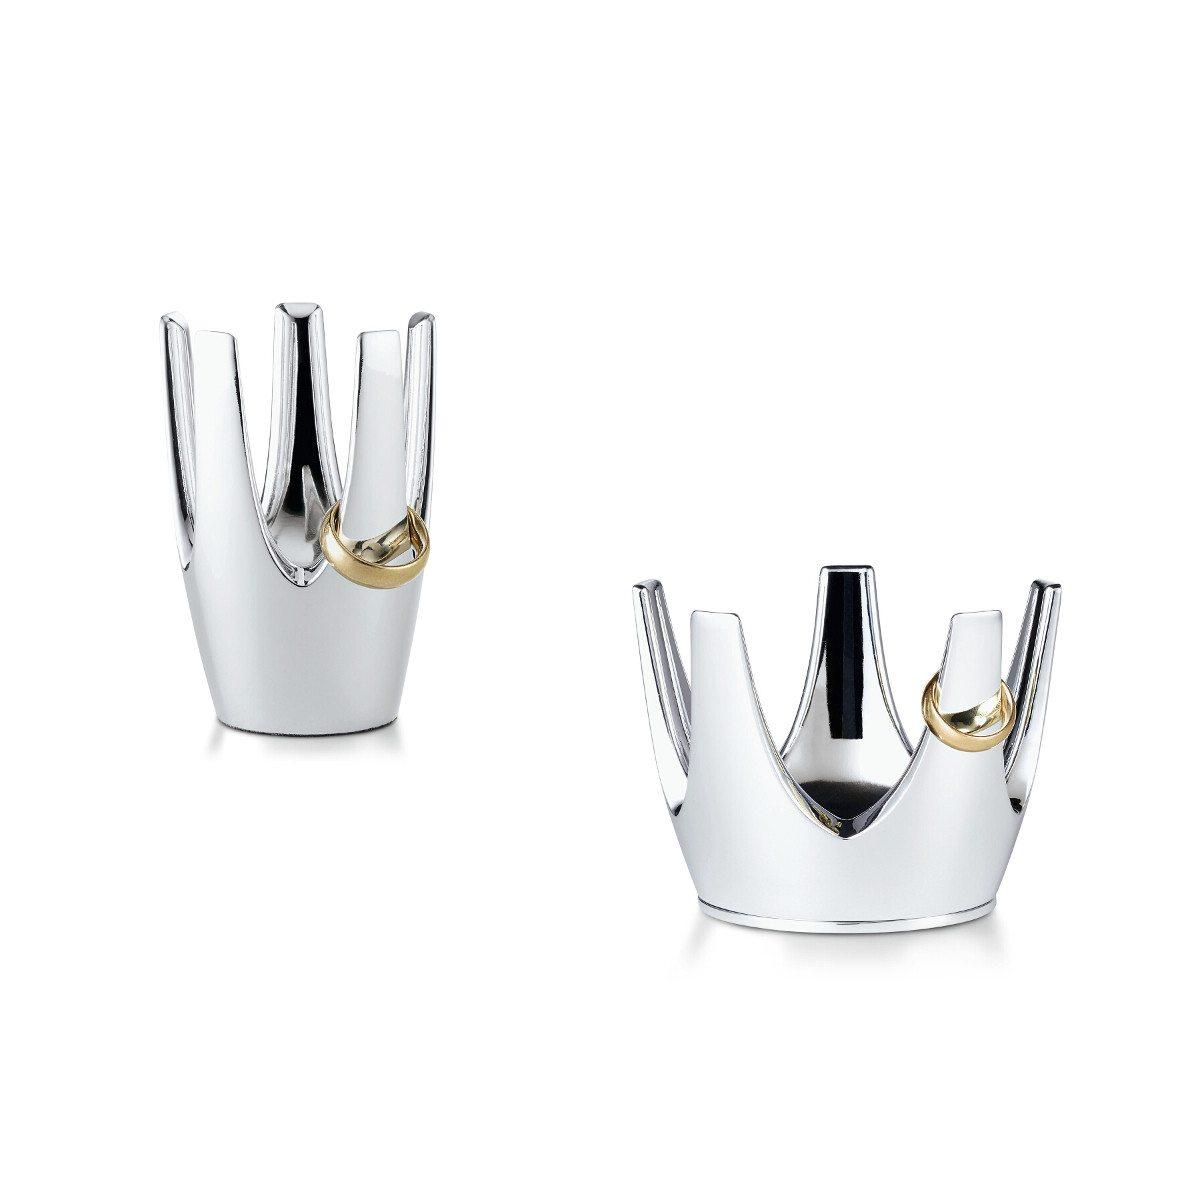 Smykkeholder formet som en krone fra Philippi